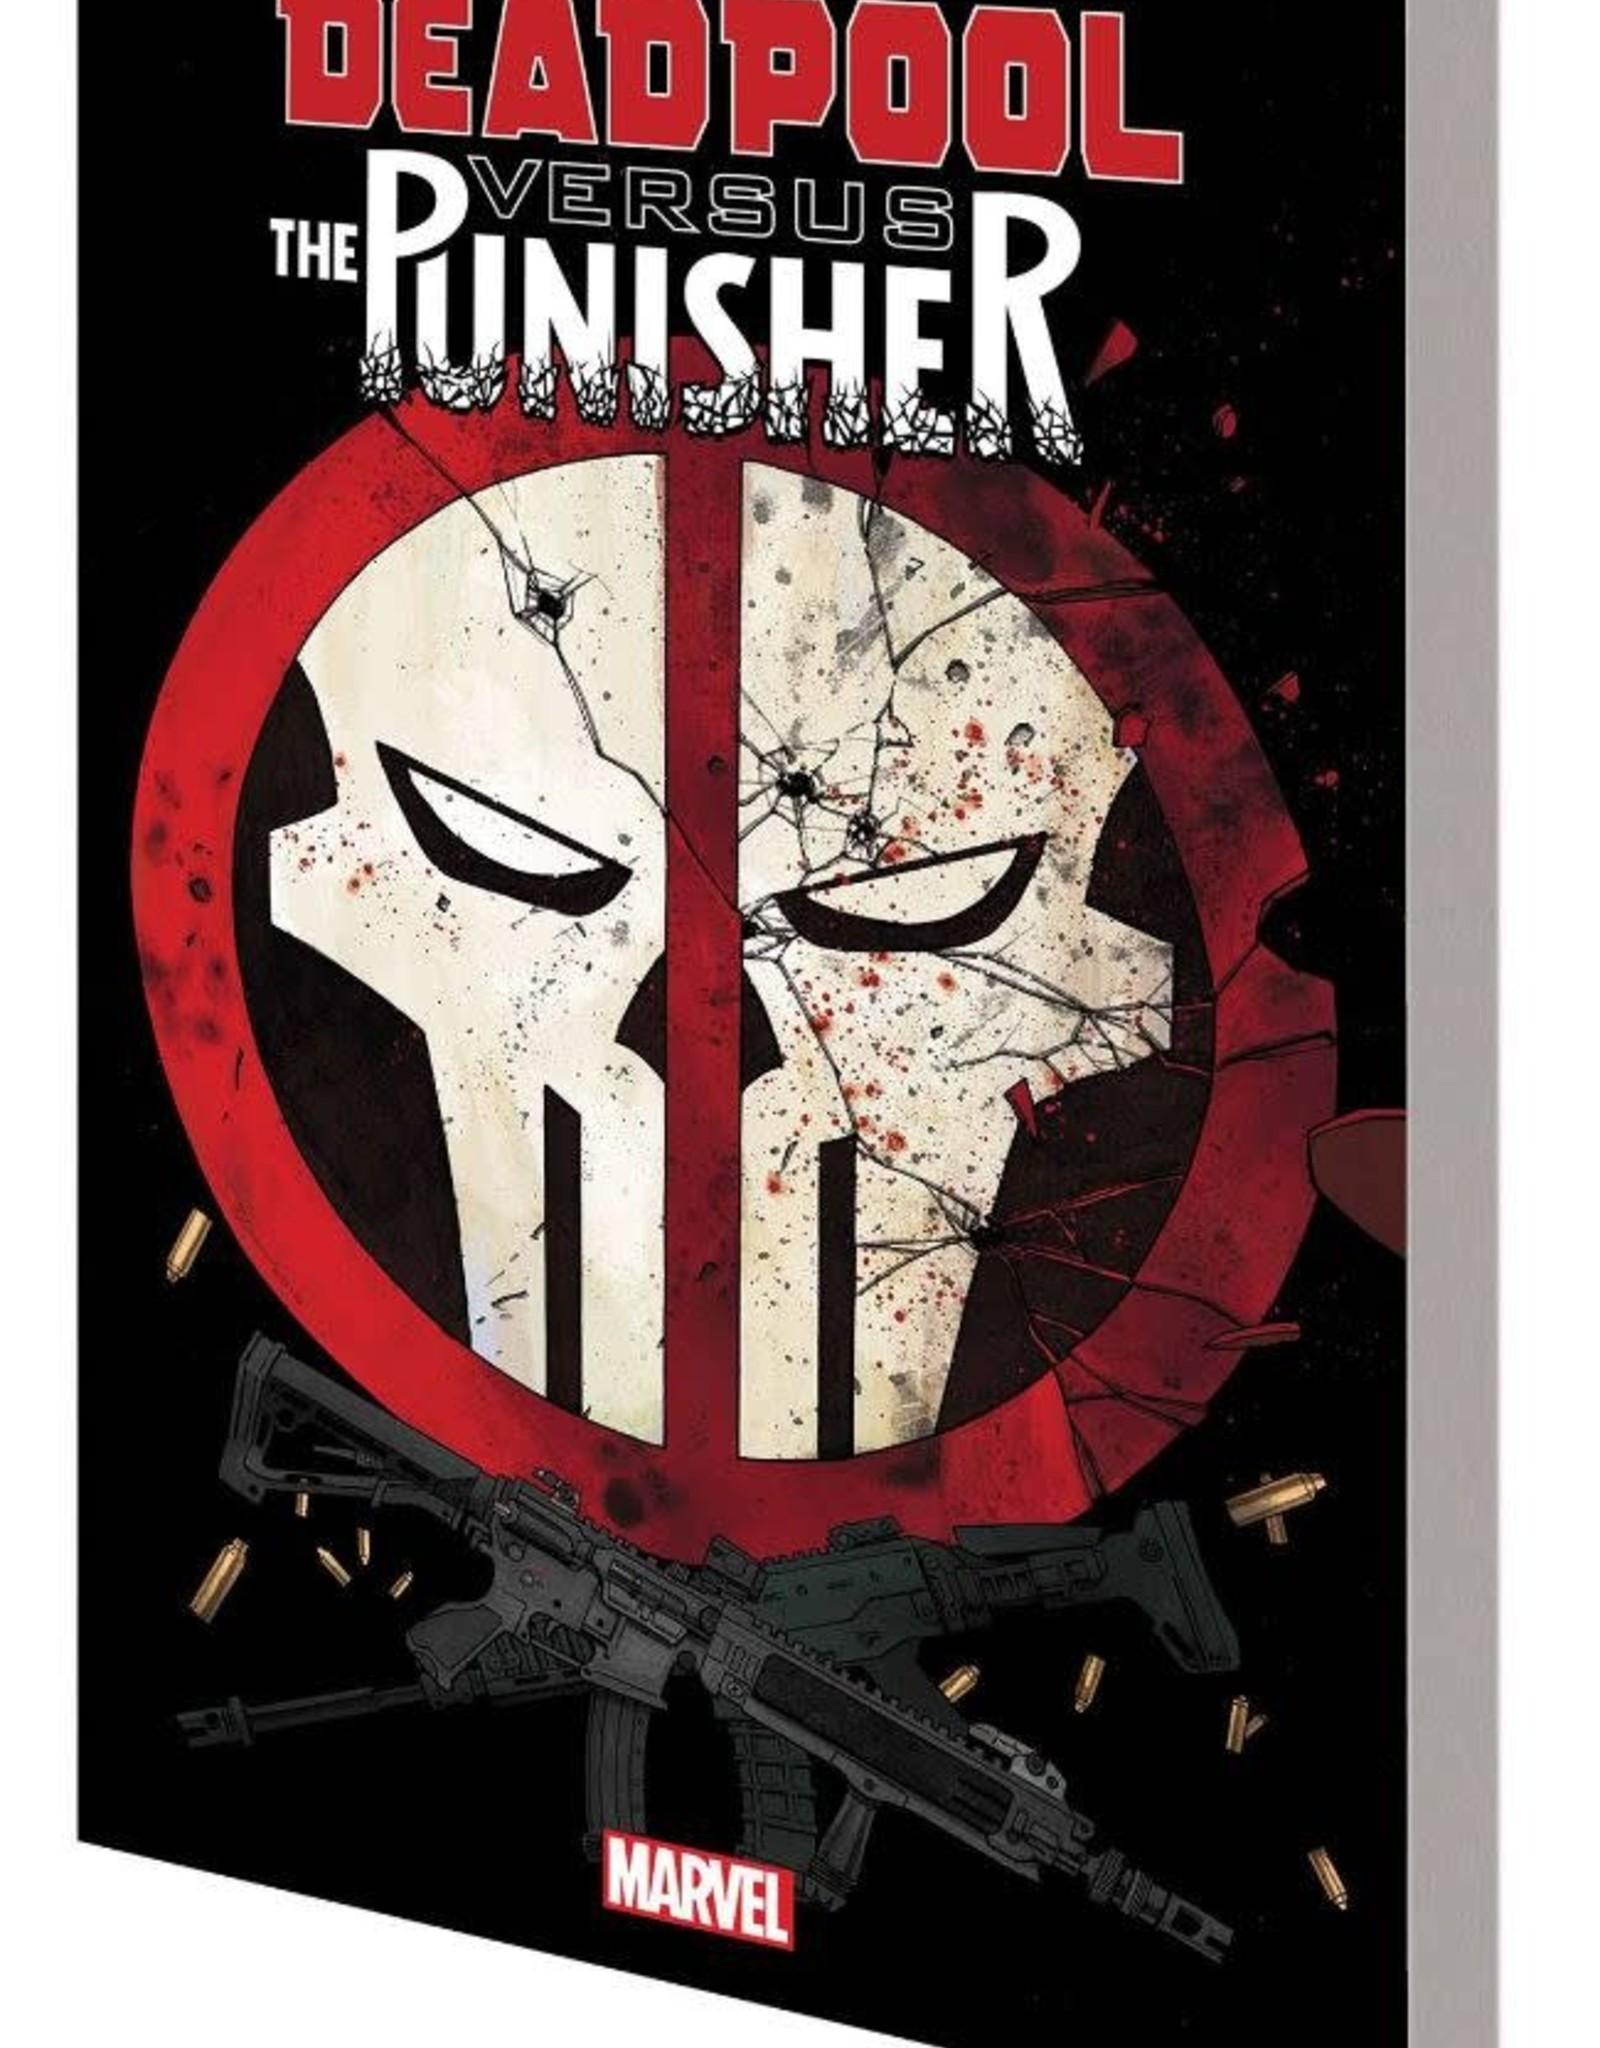 Marvel Comics Deadpool vs The Punisher